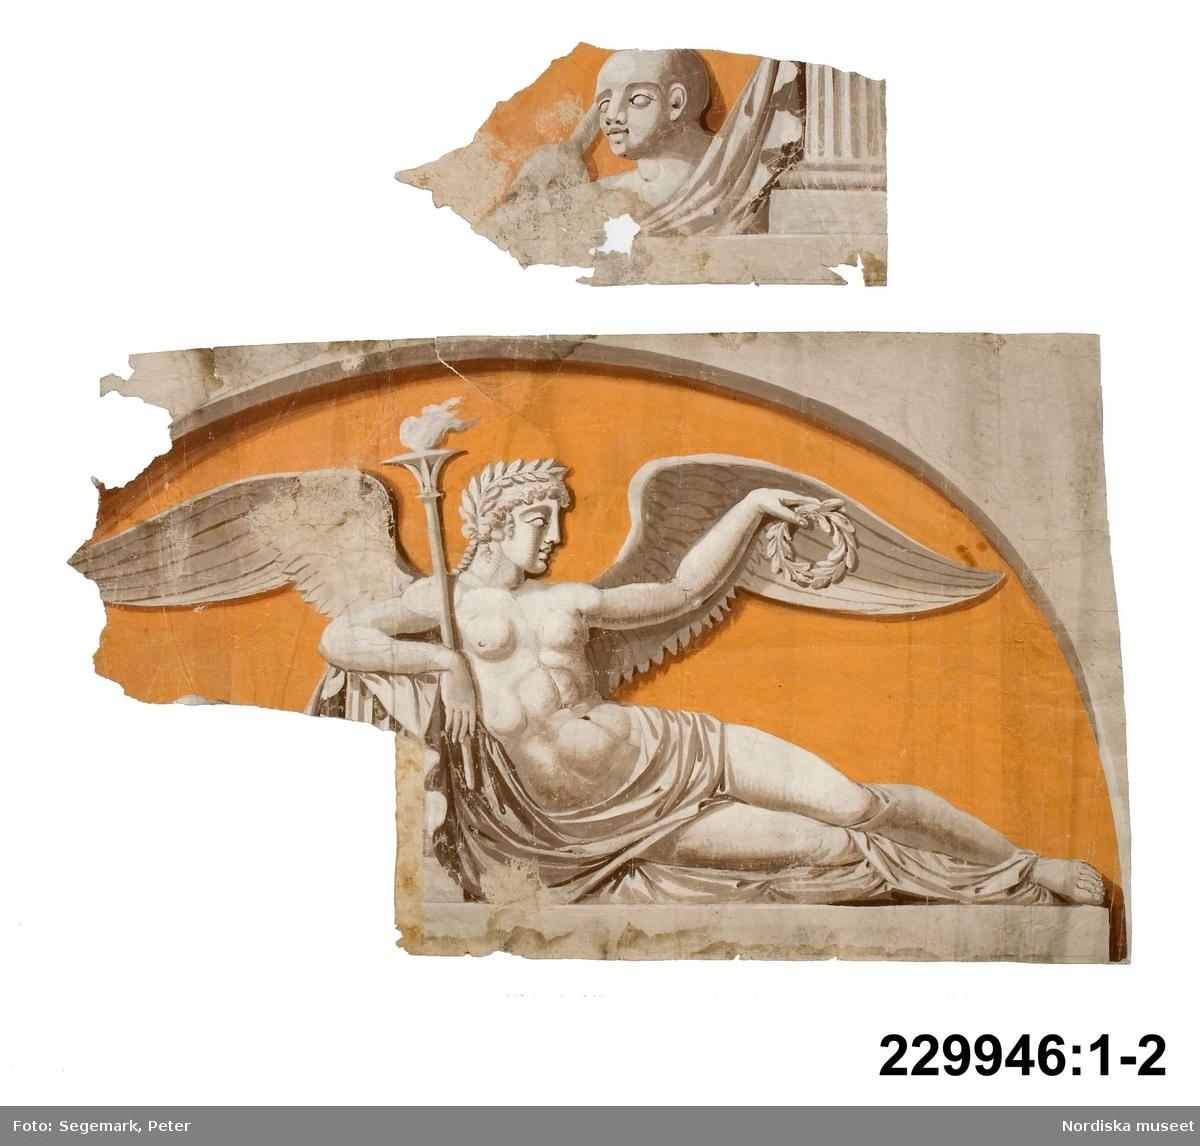 Mytologi, väsen, genie. Skulptur, byst. Textil, tyg, drapering. Lagerkrans. Fackla.